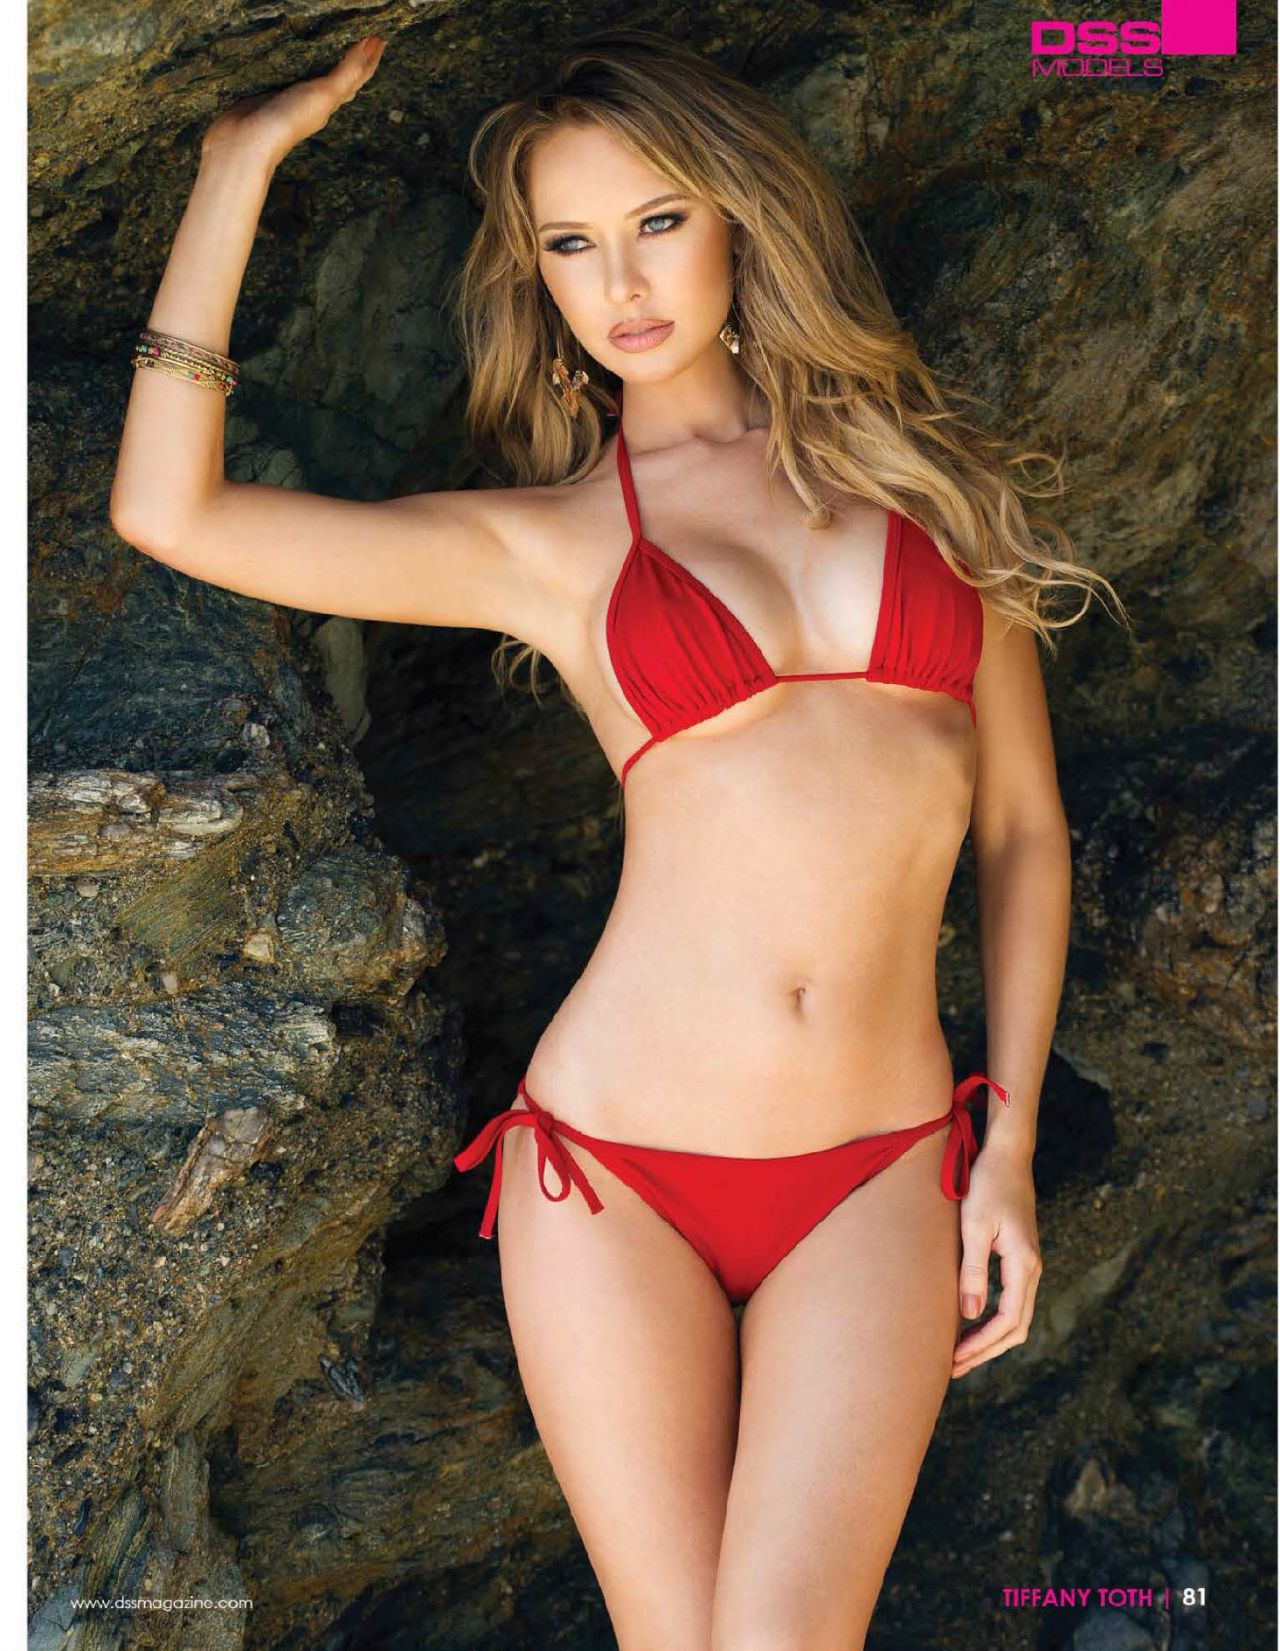 Tiffany Toth Nude Photos 64